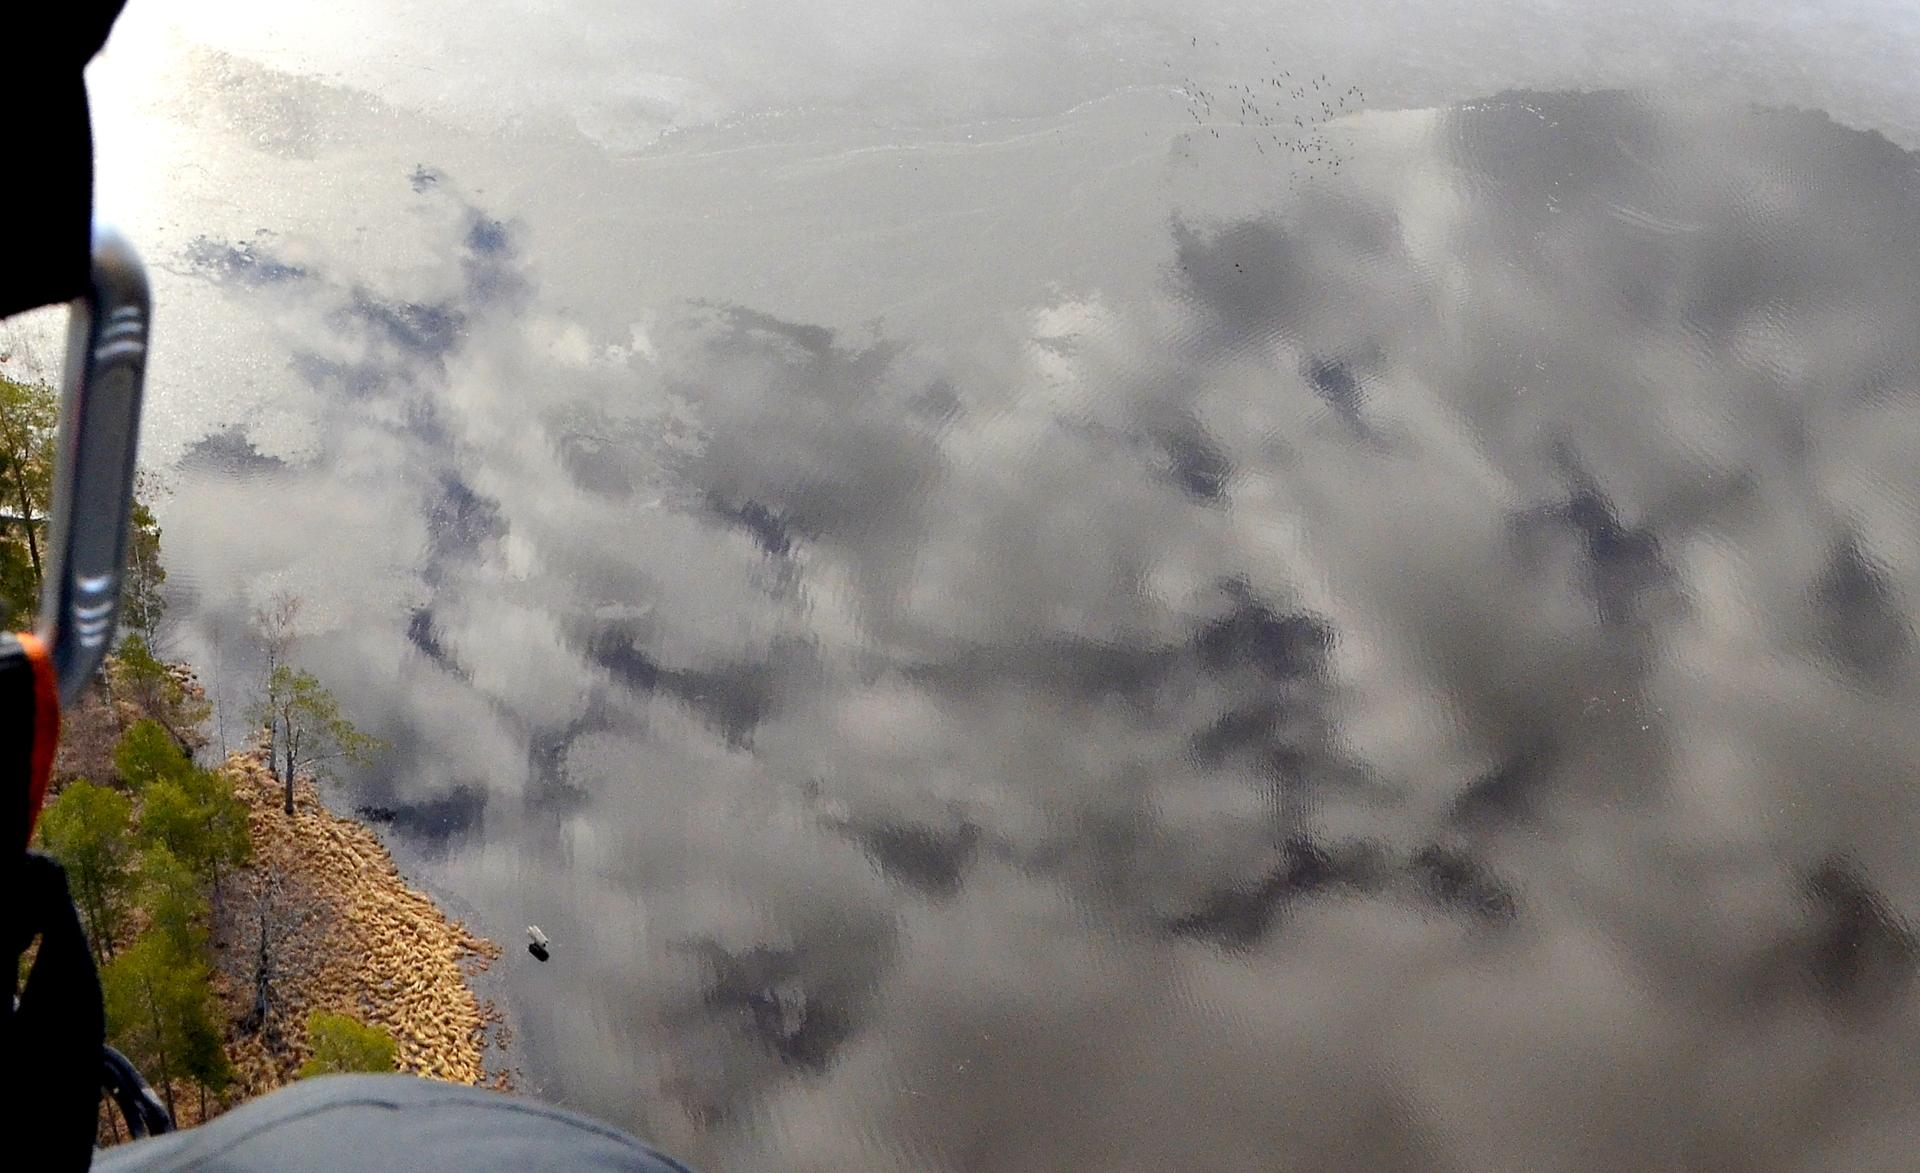 Viimeisenä kuvana sorsanpesä ja pilvien heijastus vedestä. Hyvää Vappua kaikille!